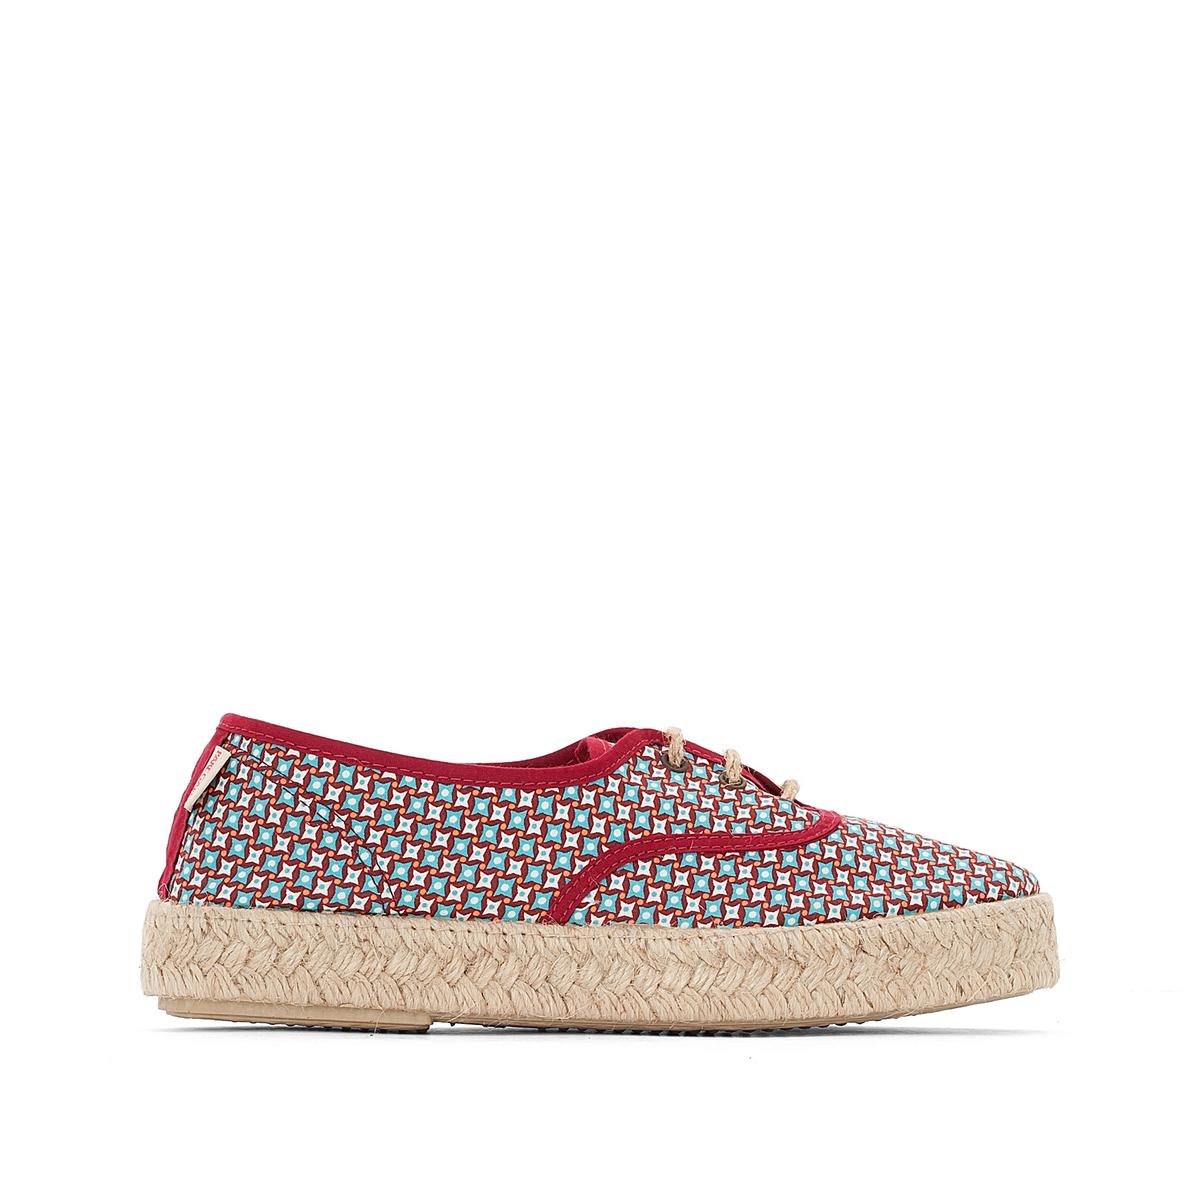 Туфли VP MixВерх: полотно и текстиль.Стелька: шнур.Подошва: каучук.Высота каблука: 2 см.Форма каблука: плоский каблук.Мысок: закругленный.Застежка: без застежки.<br><br>Цвет: бордовый/рисунок